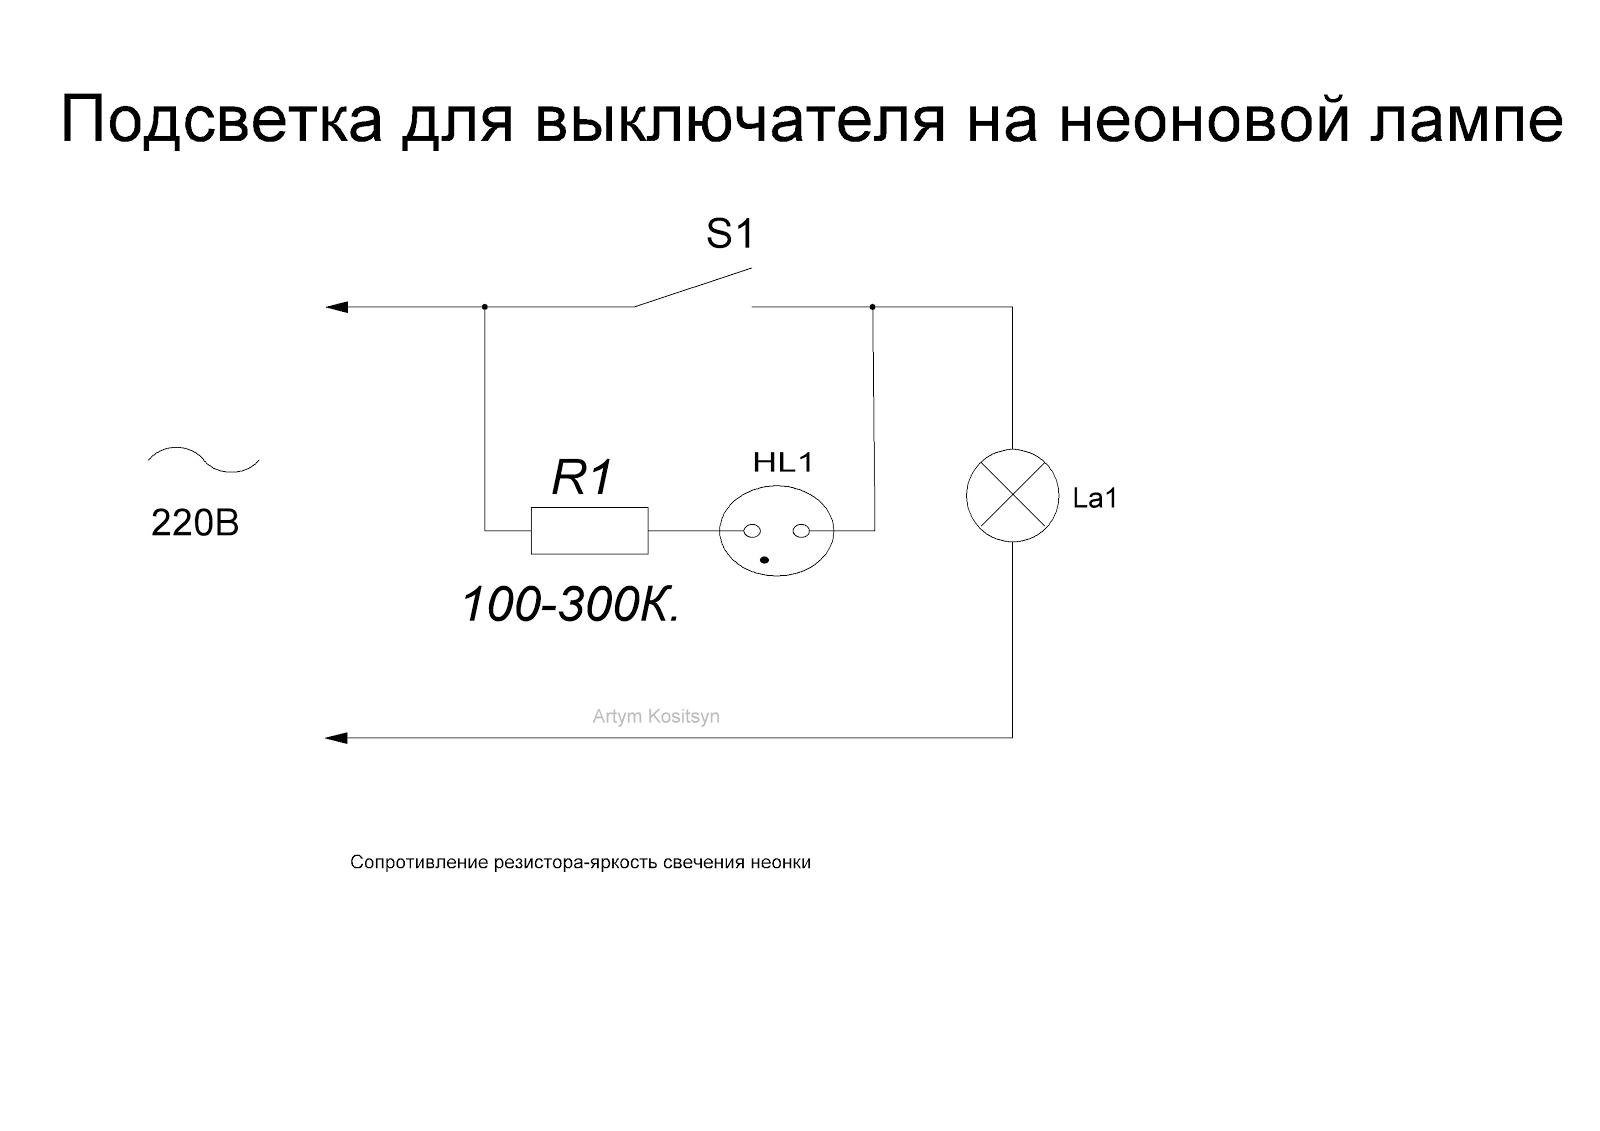 Выключатель с подсветкой: описание подключения, общие принципы работы и варианты современного дизайна (85 фото)